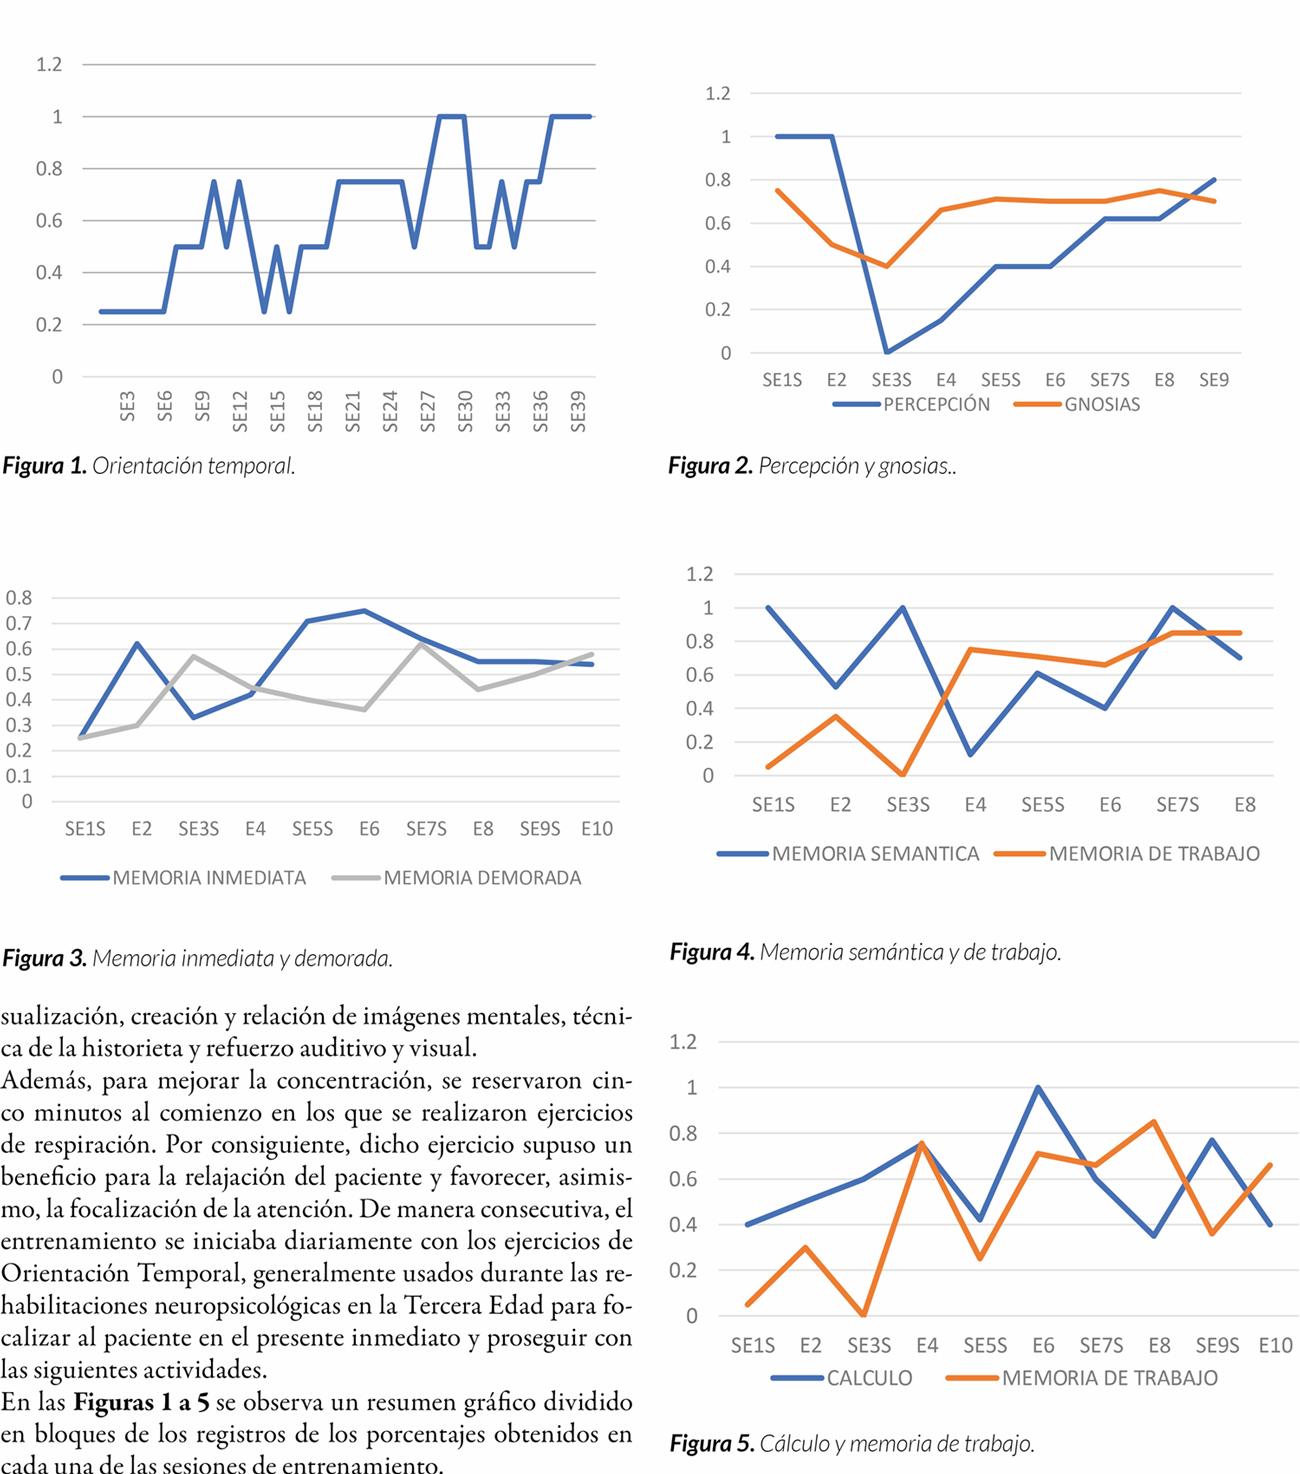 Comparación de los efectos de la intervención para la mejora de la memoria entre dos sujetos de edad avanzada con demencia en su estadio inicial